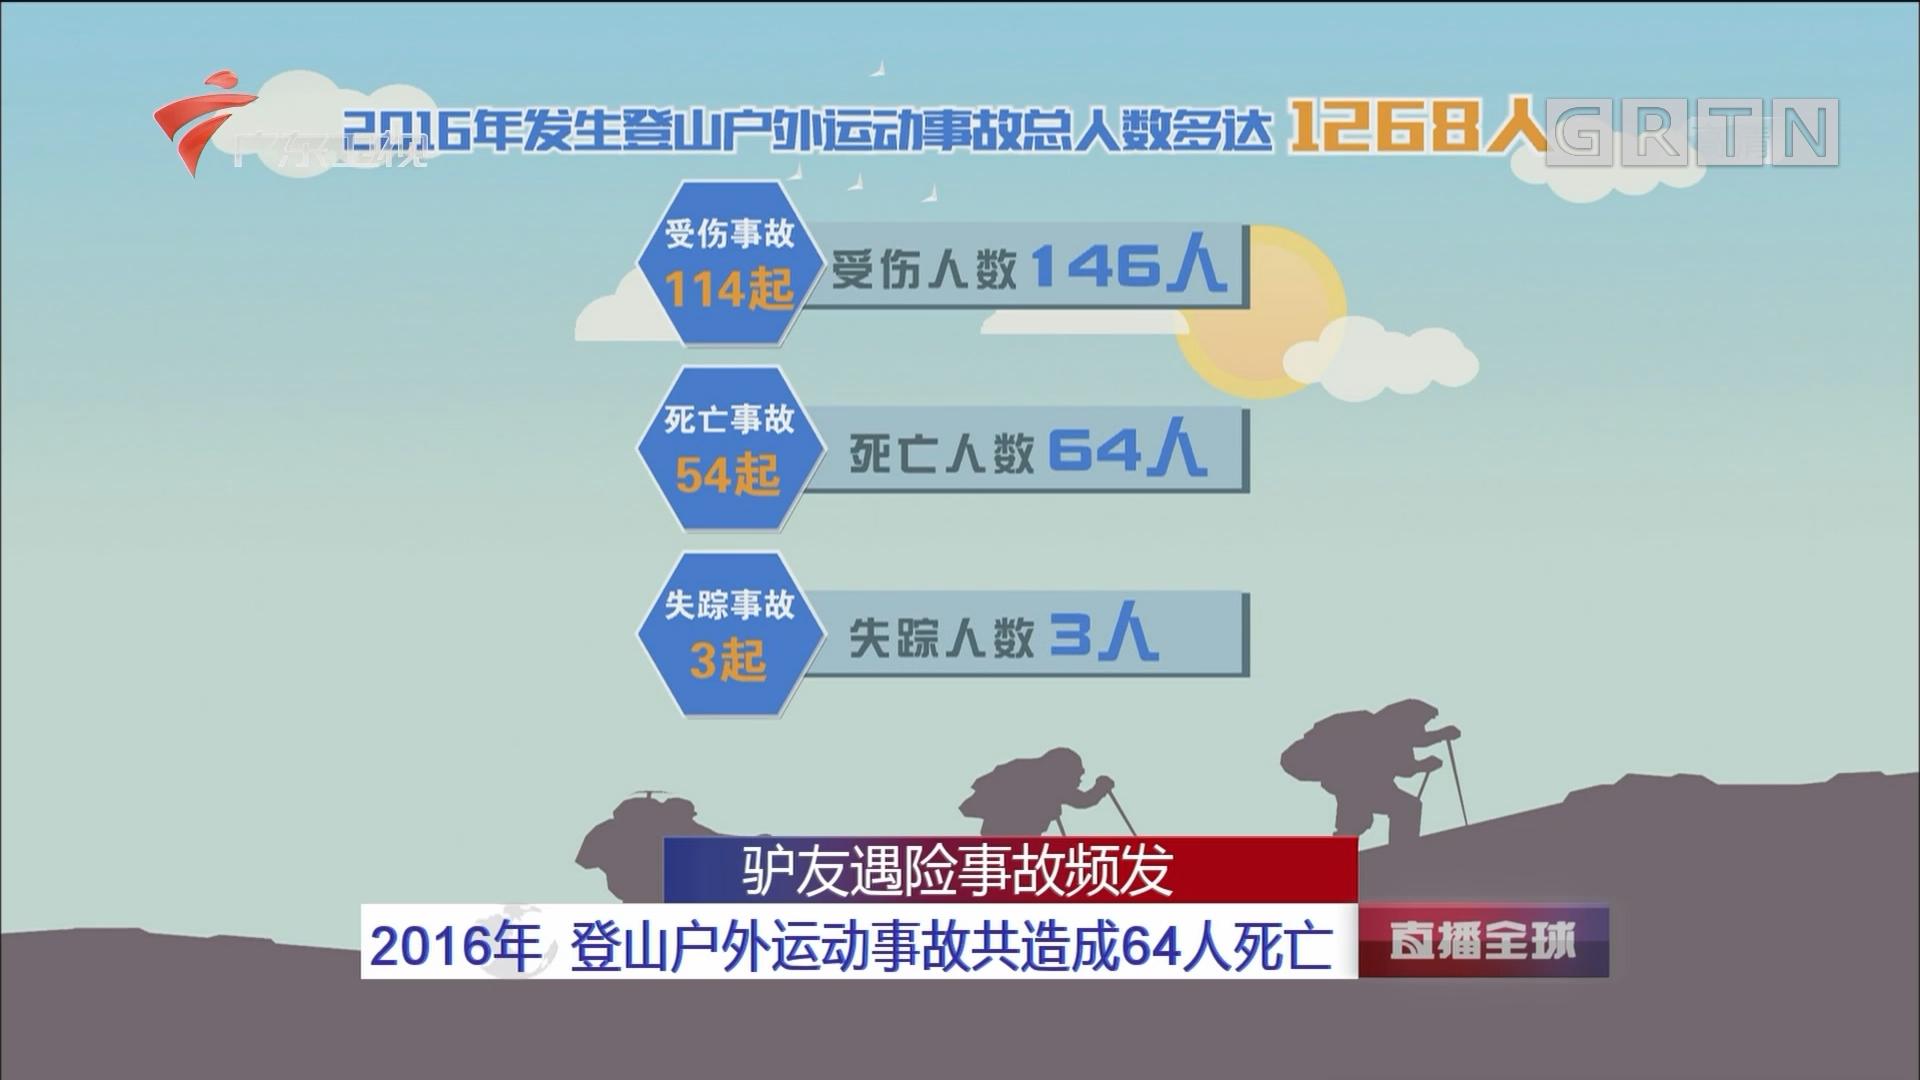 驴友遇险事故频发:2016年 登山户外运动事故共造成64人死亡